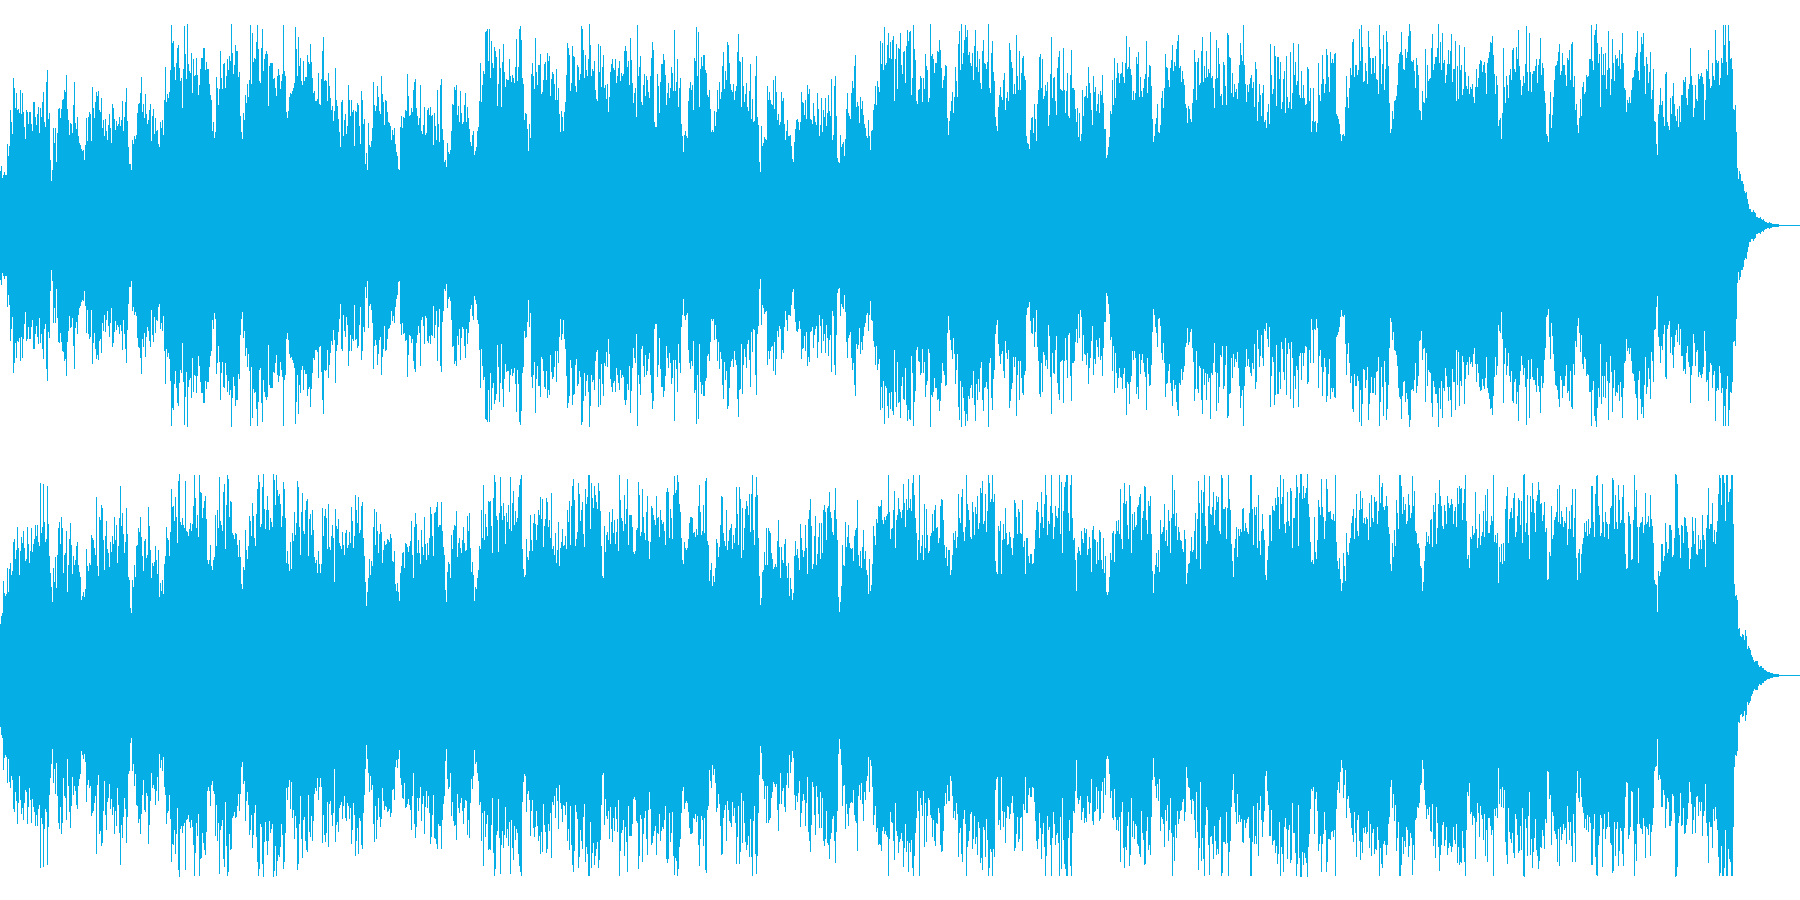 ダークでミステリアスなストリングスの再生済みの波形